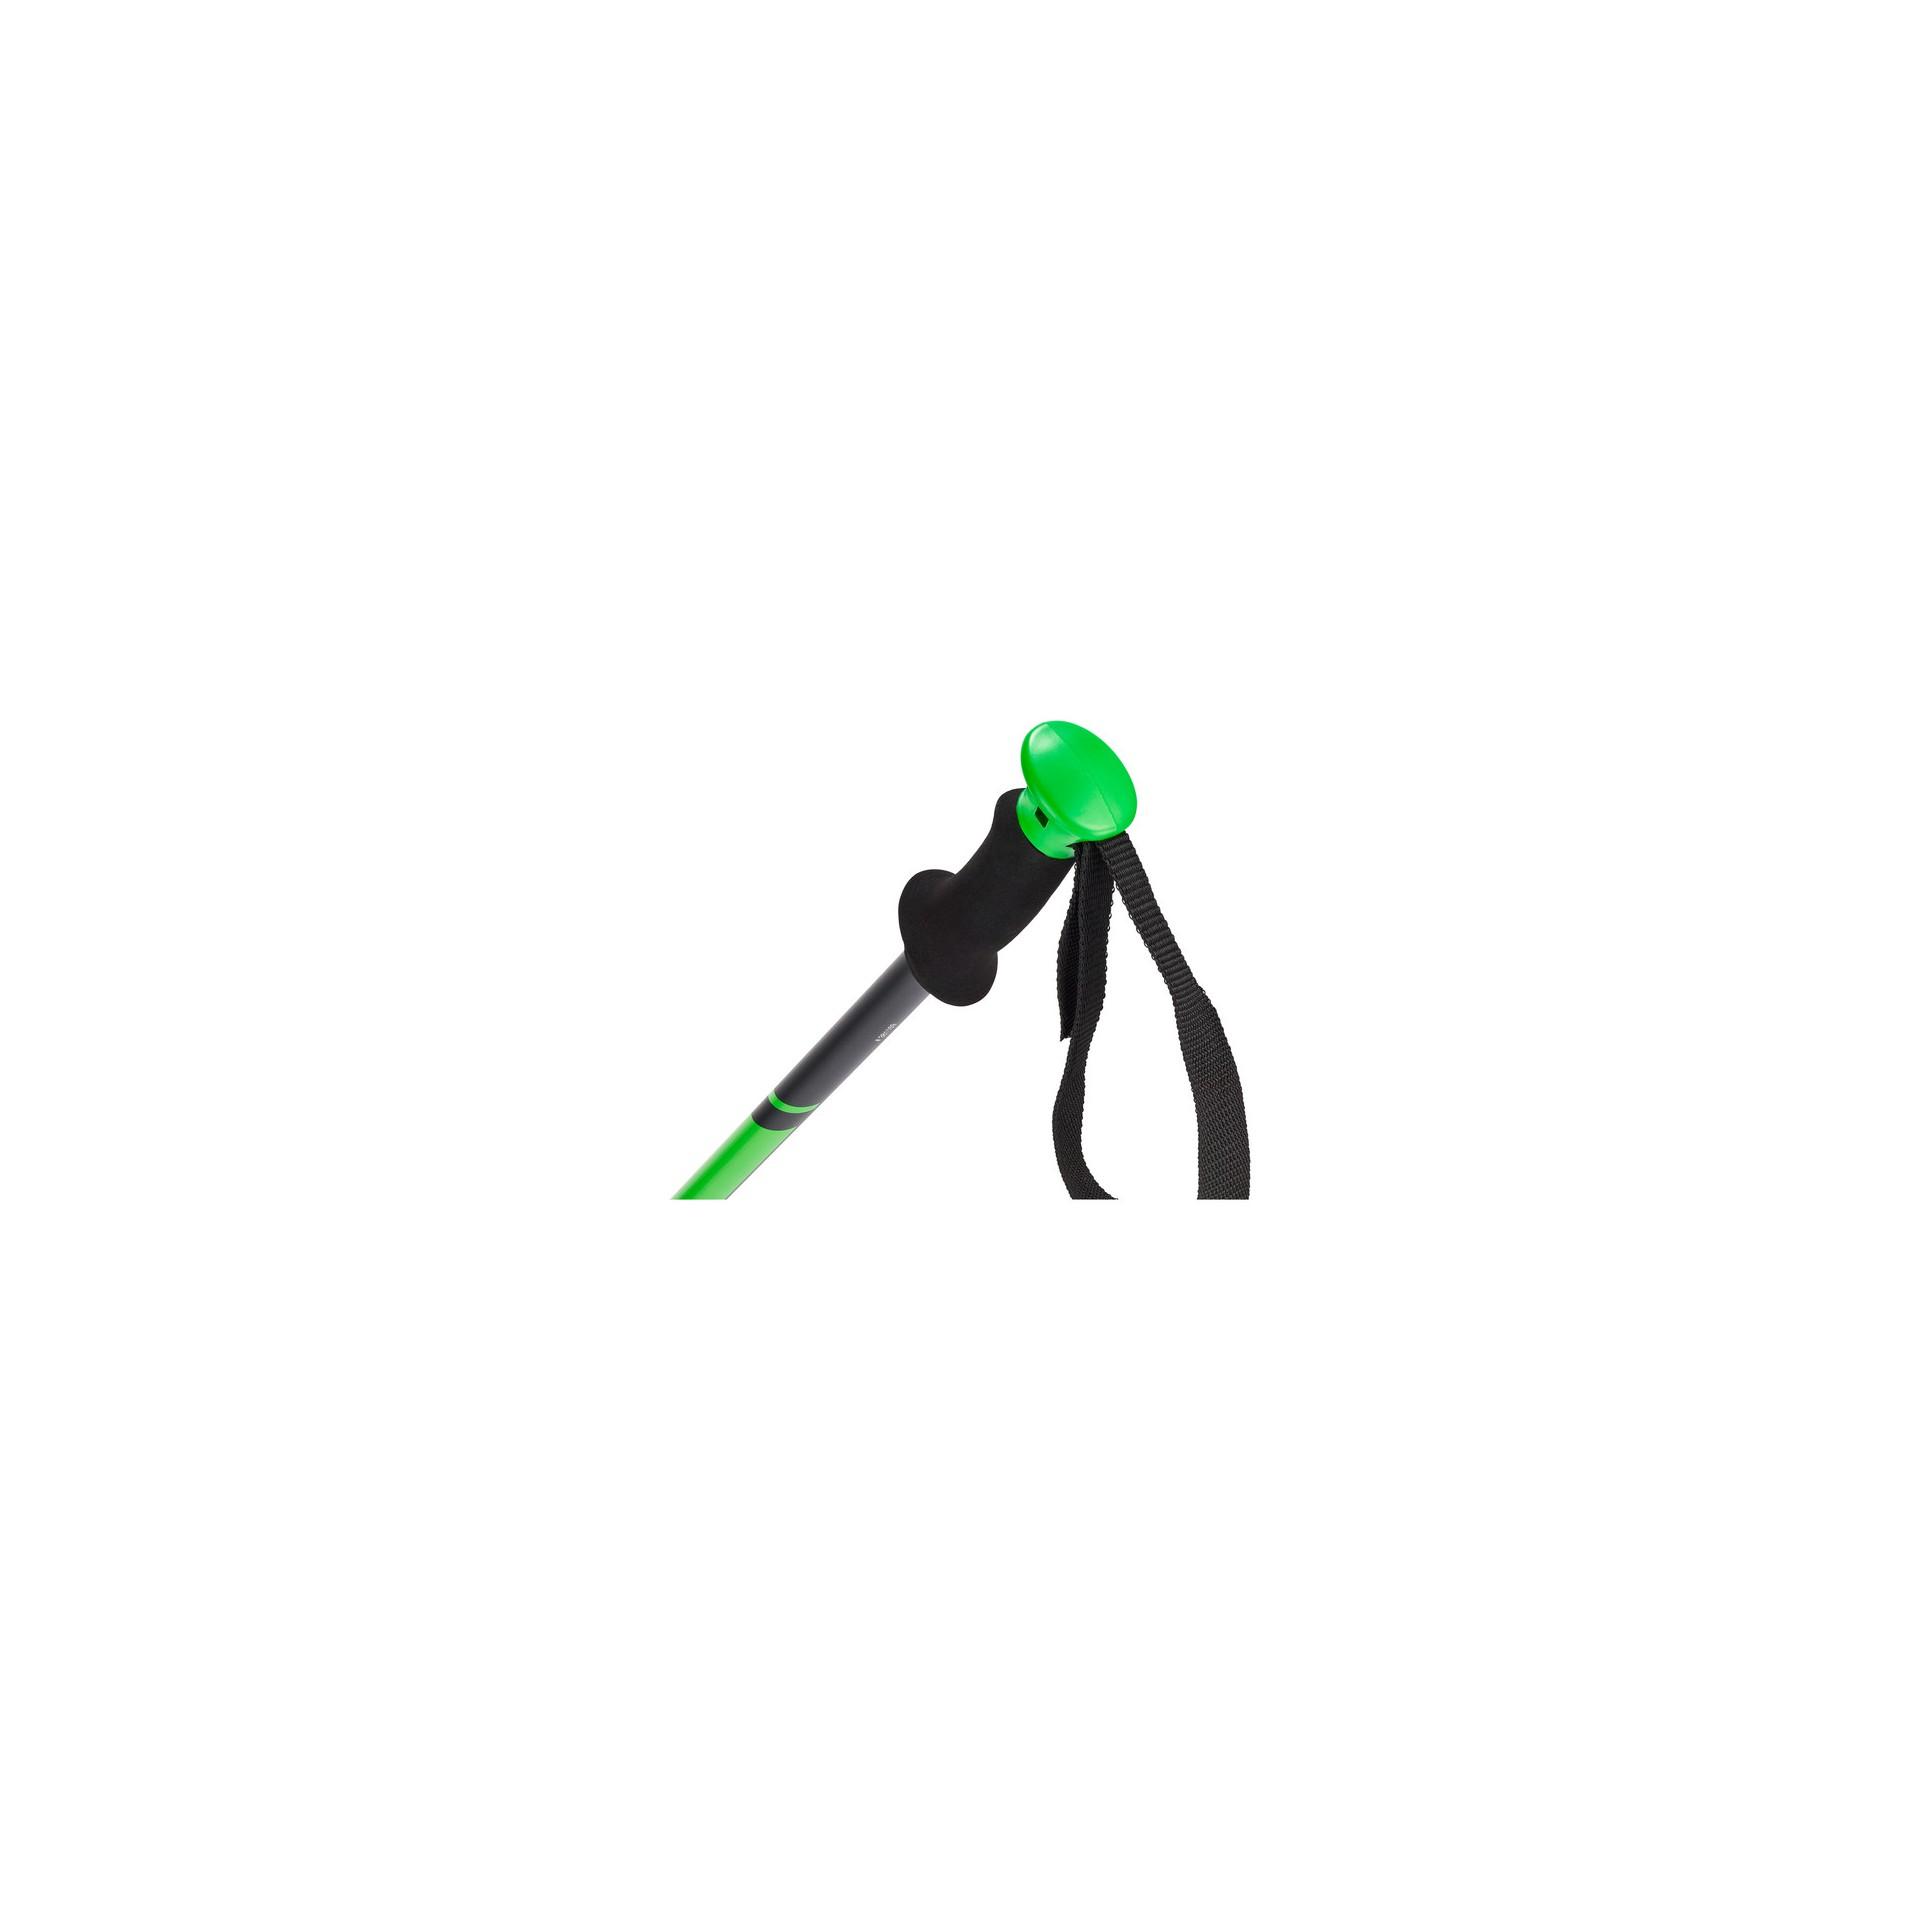 Kije narciarskie Head MULTI S Allride anthracite neon green 20192020